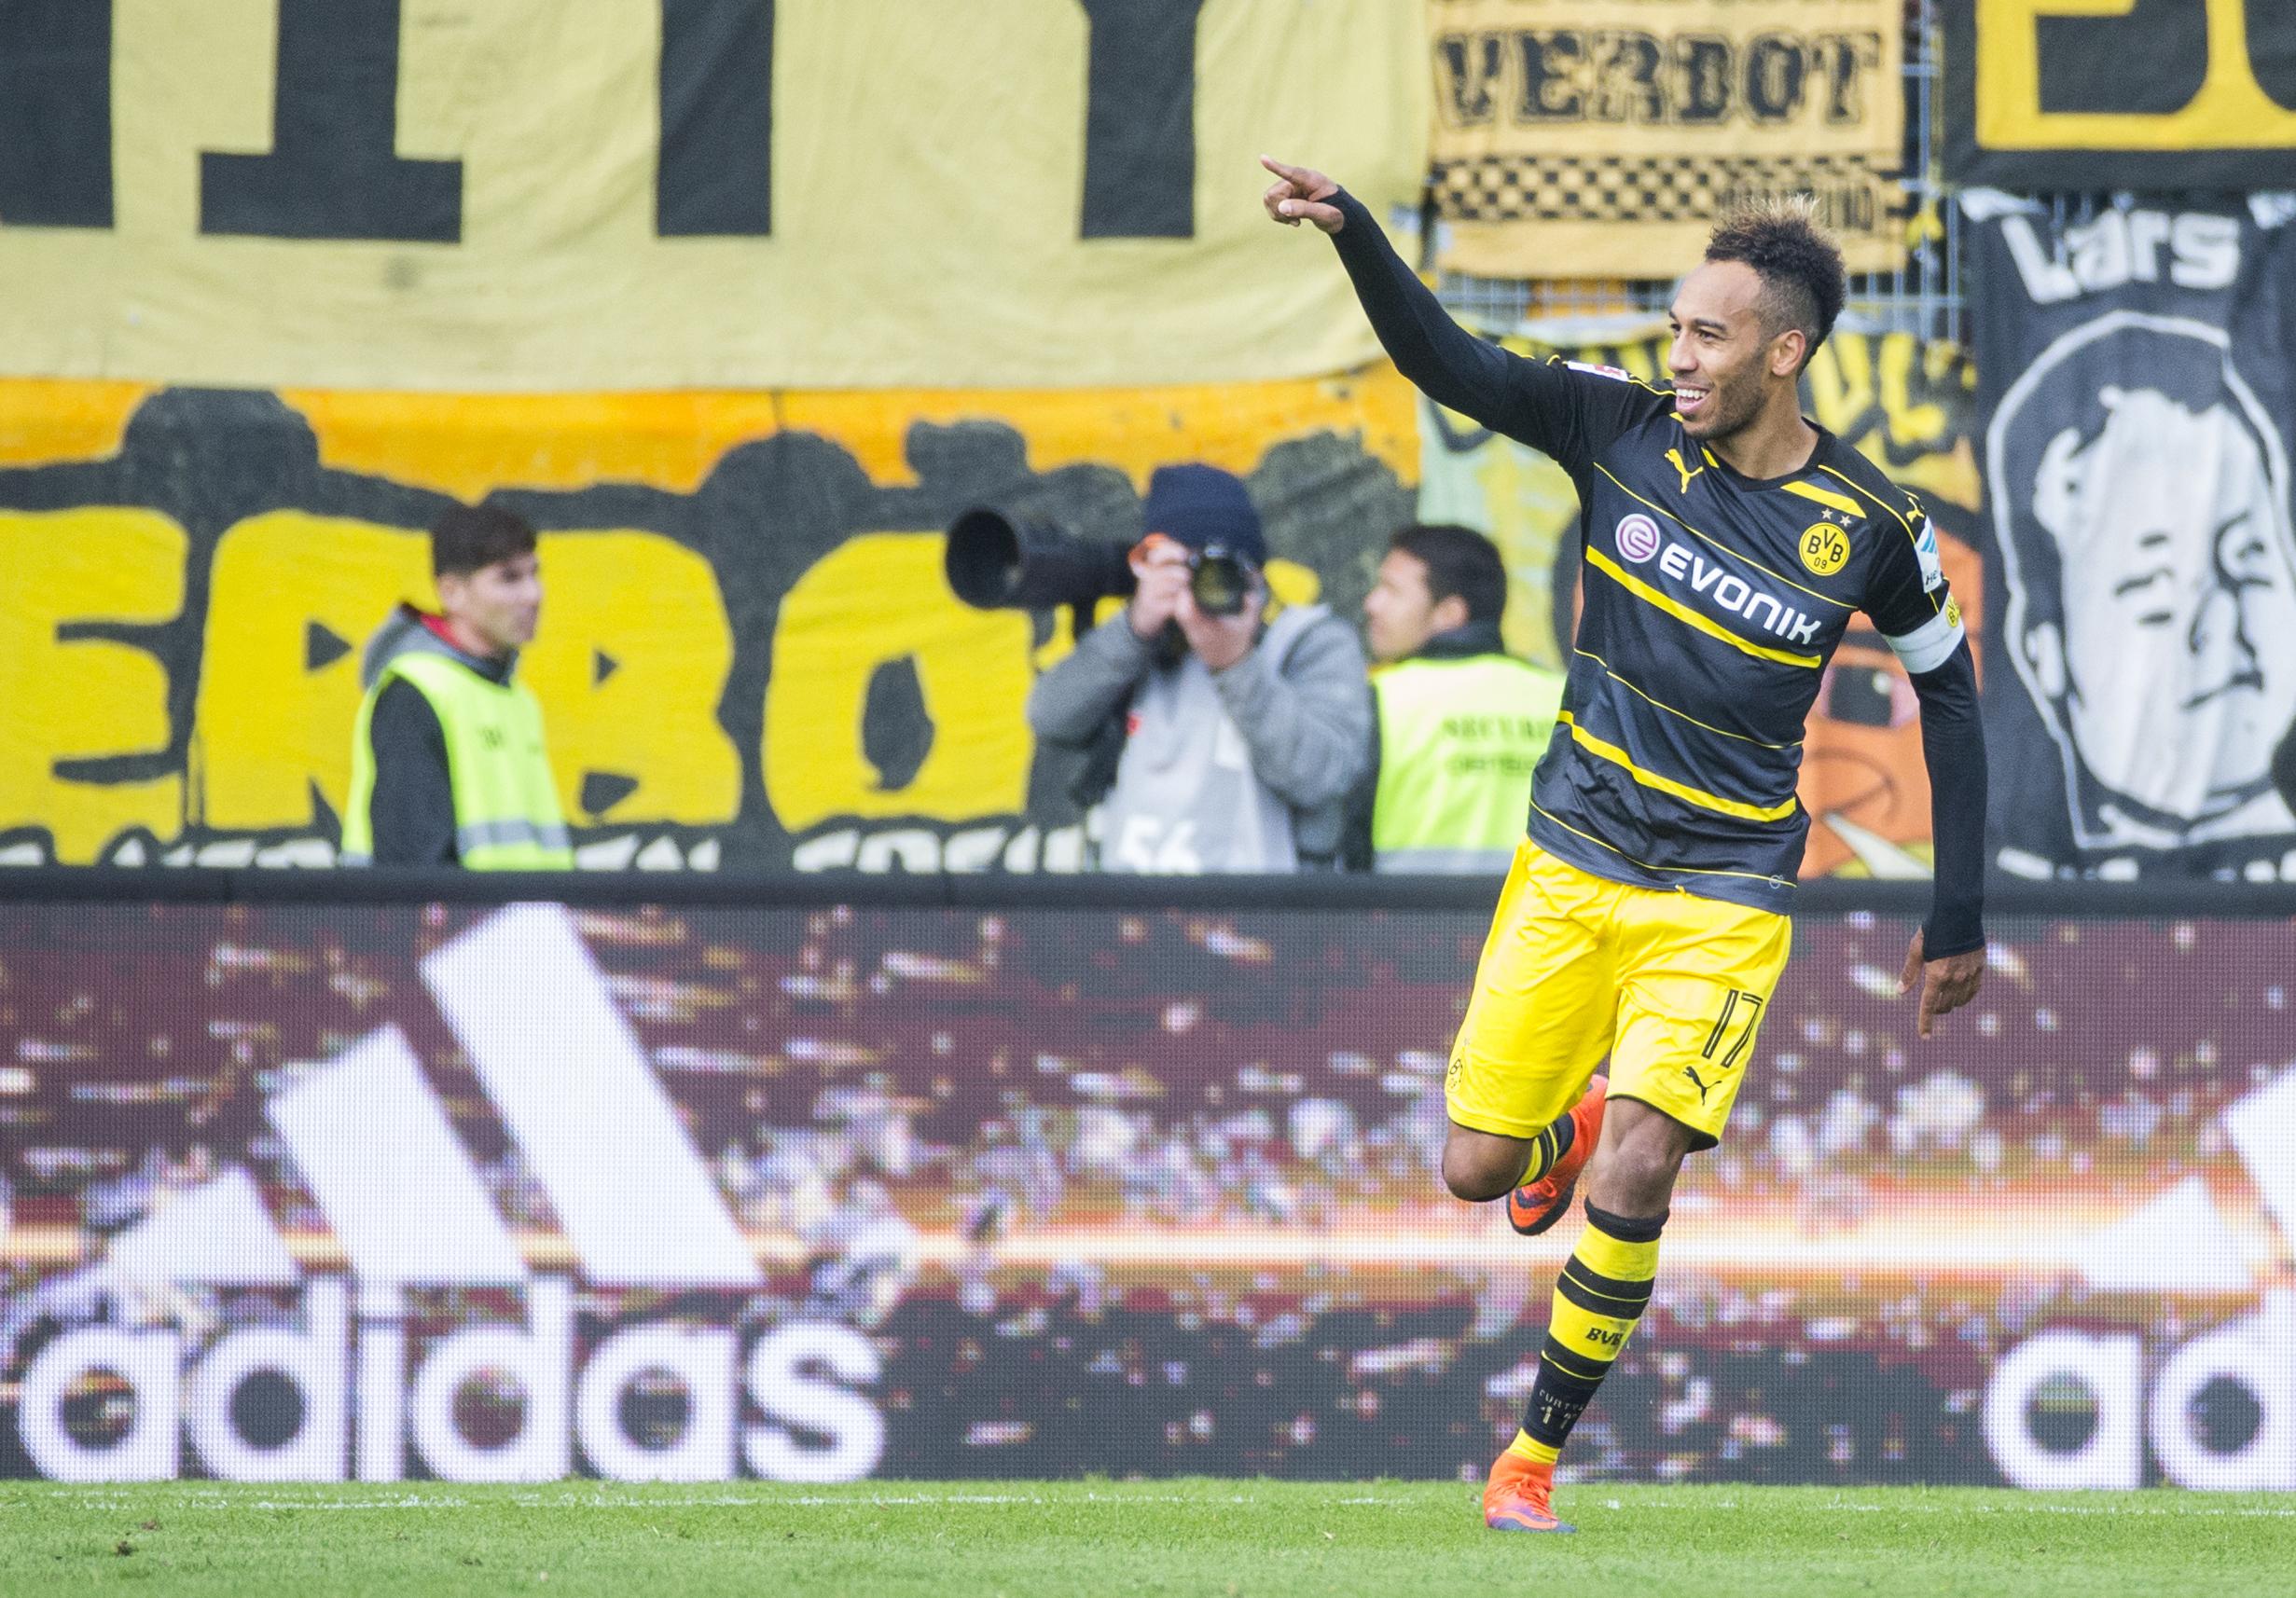 FC Ingolstadt 04 v Borussia Dortmund - Bundesliga